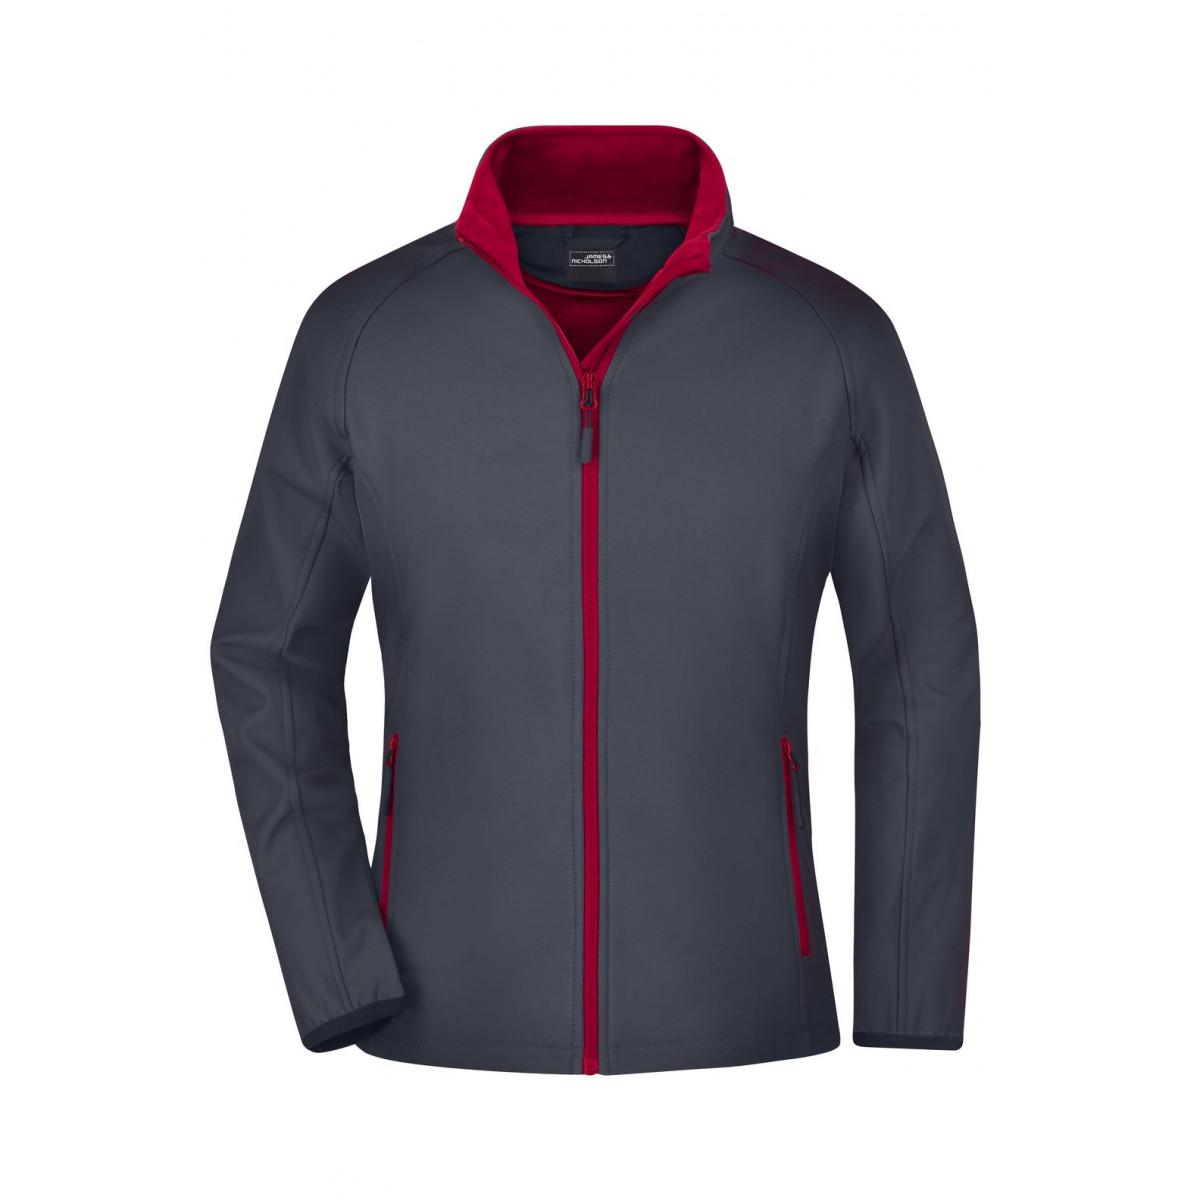 Куртка женская JN1129 Ladies Promo Softshell Jacket - Стальной/Красный